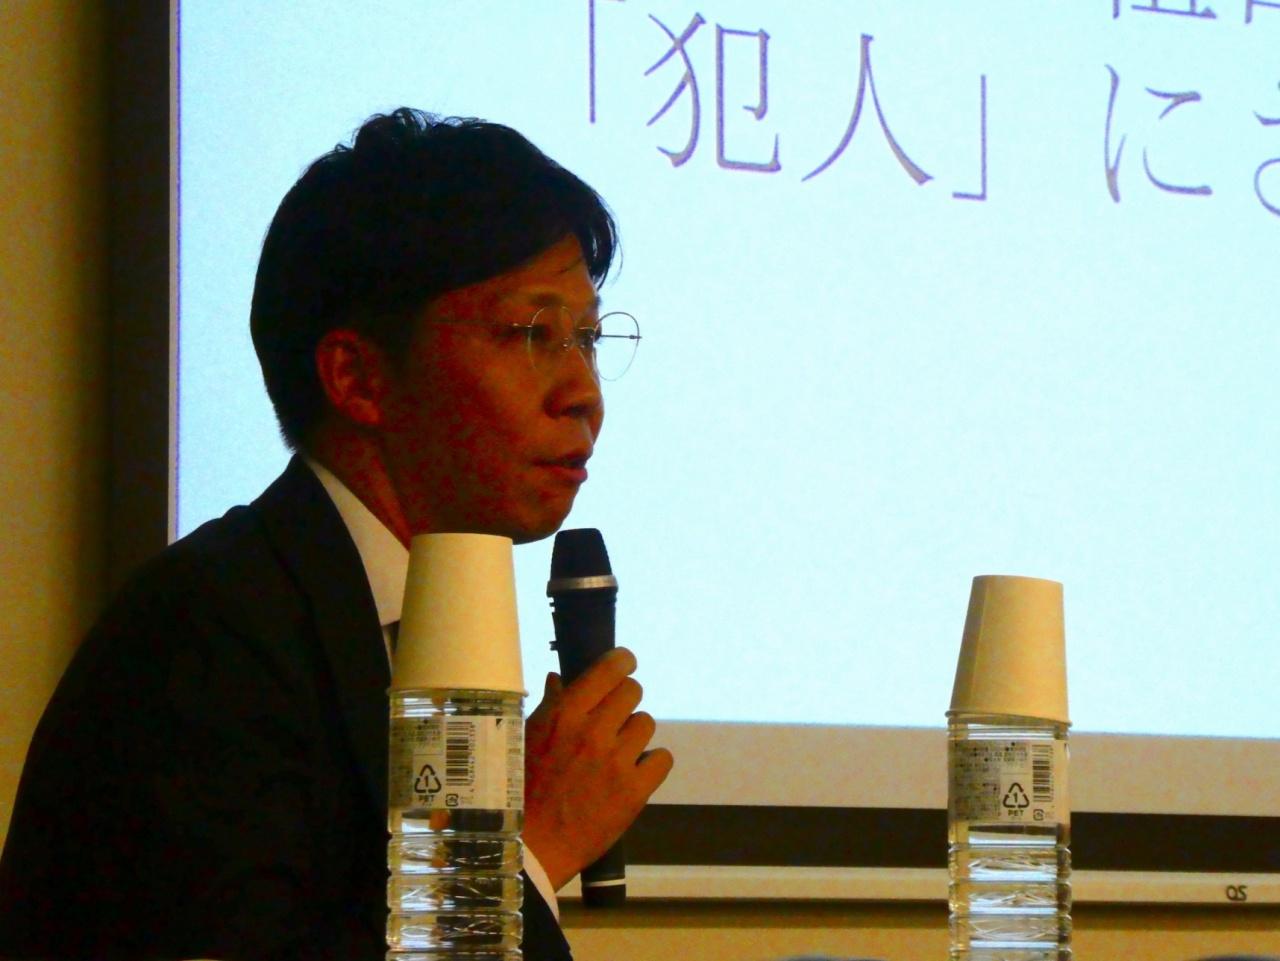 我妻路人 弁護士(大阪弁護士会・SBS検証プロジェクトメンバー)